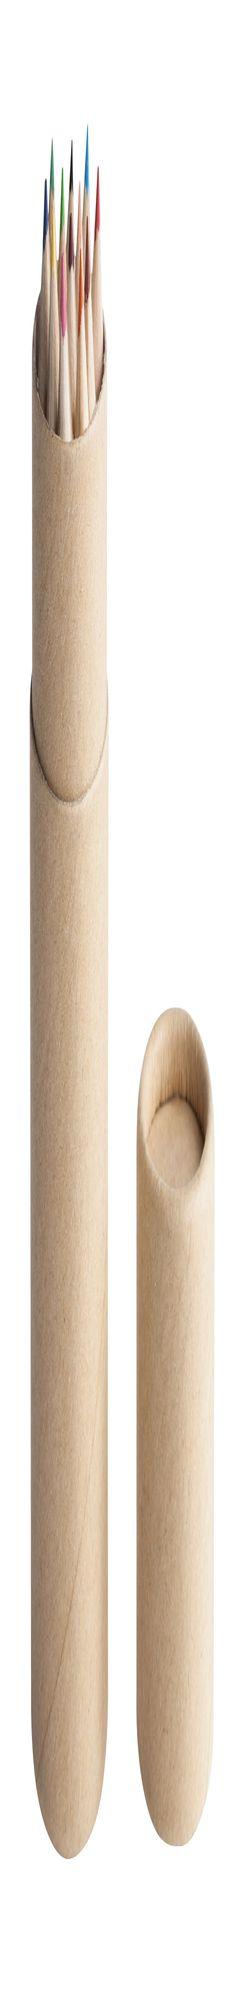 Набор карандашей Pencilvania Tube фото